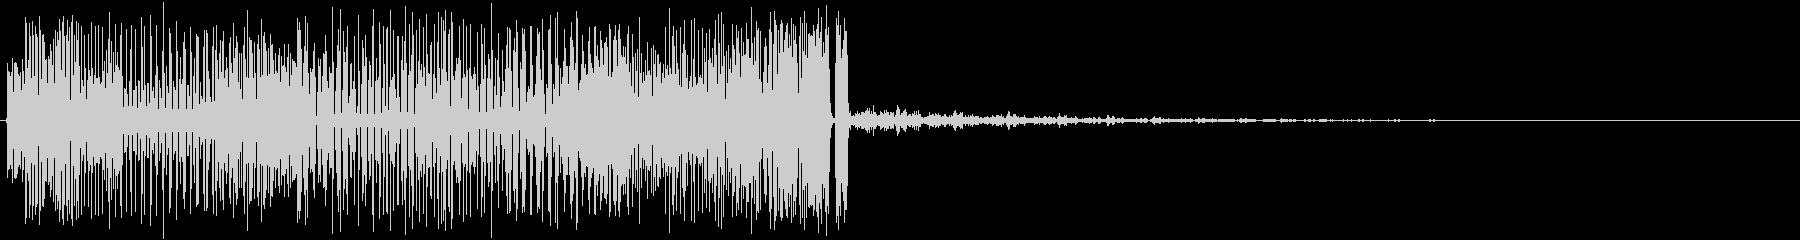 ノイズ音の未再生の波形